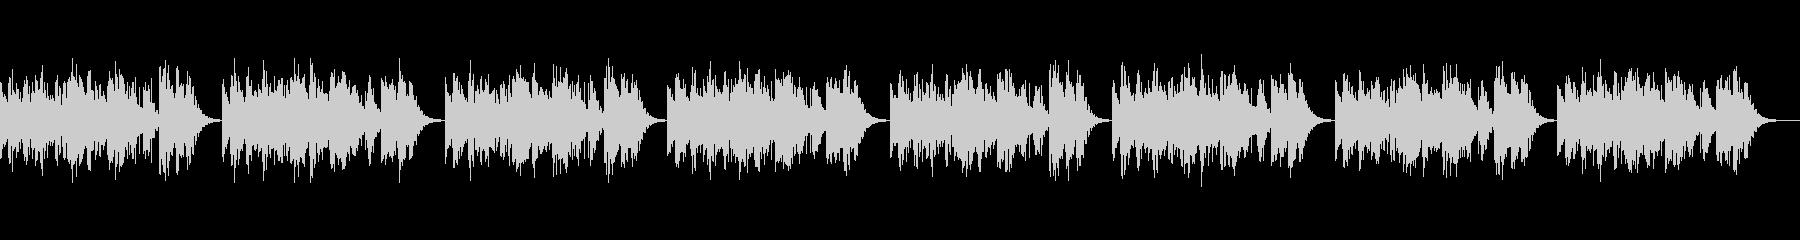 「シャボン玉」 オルゴール版ですの未再生の波形